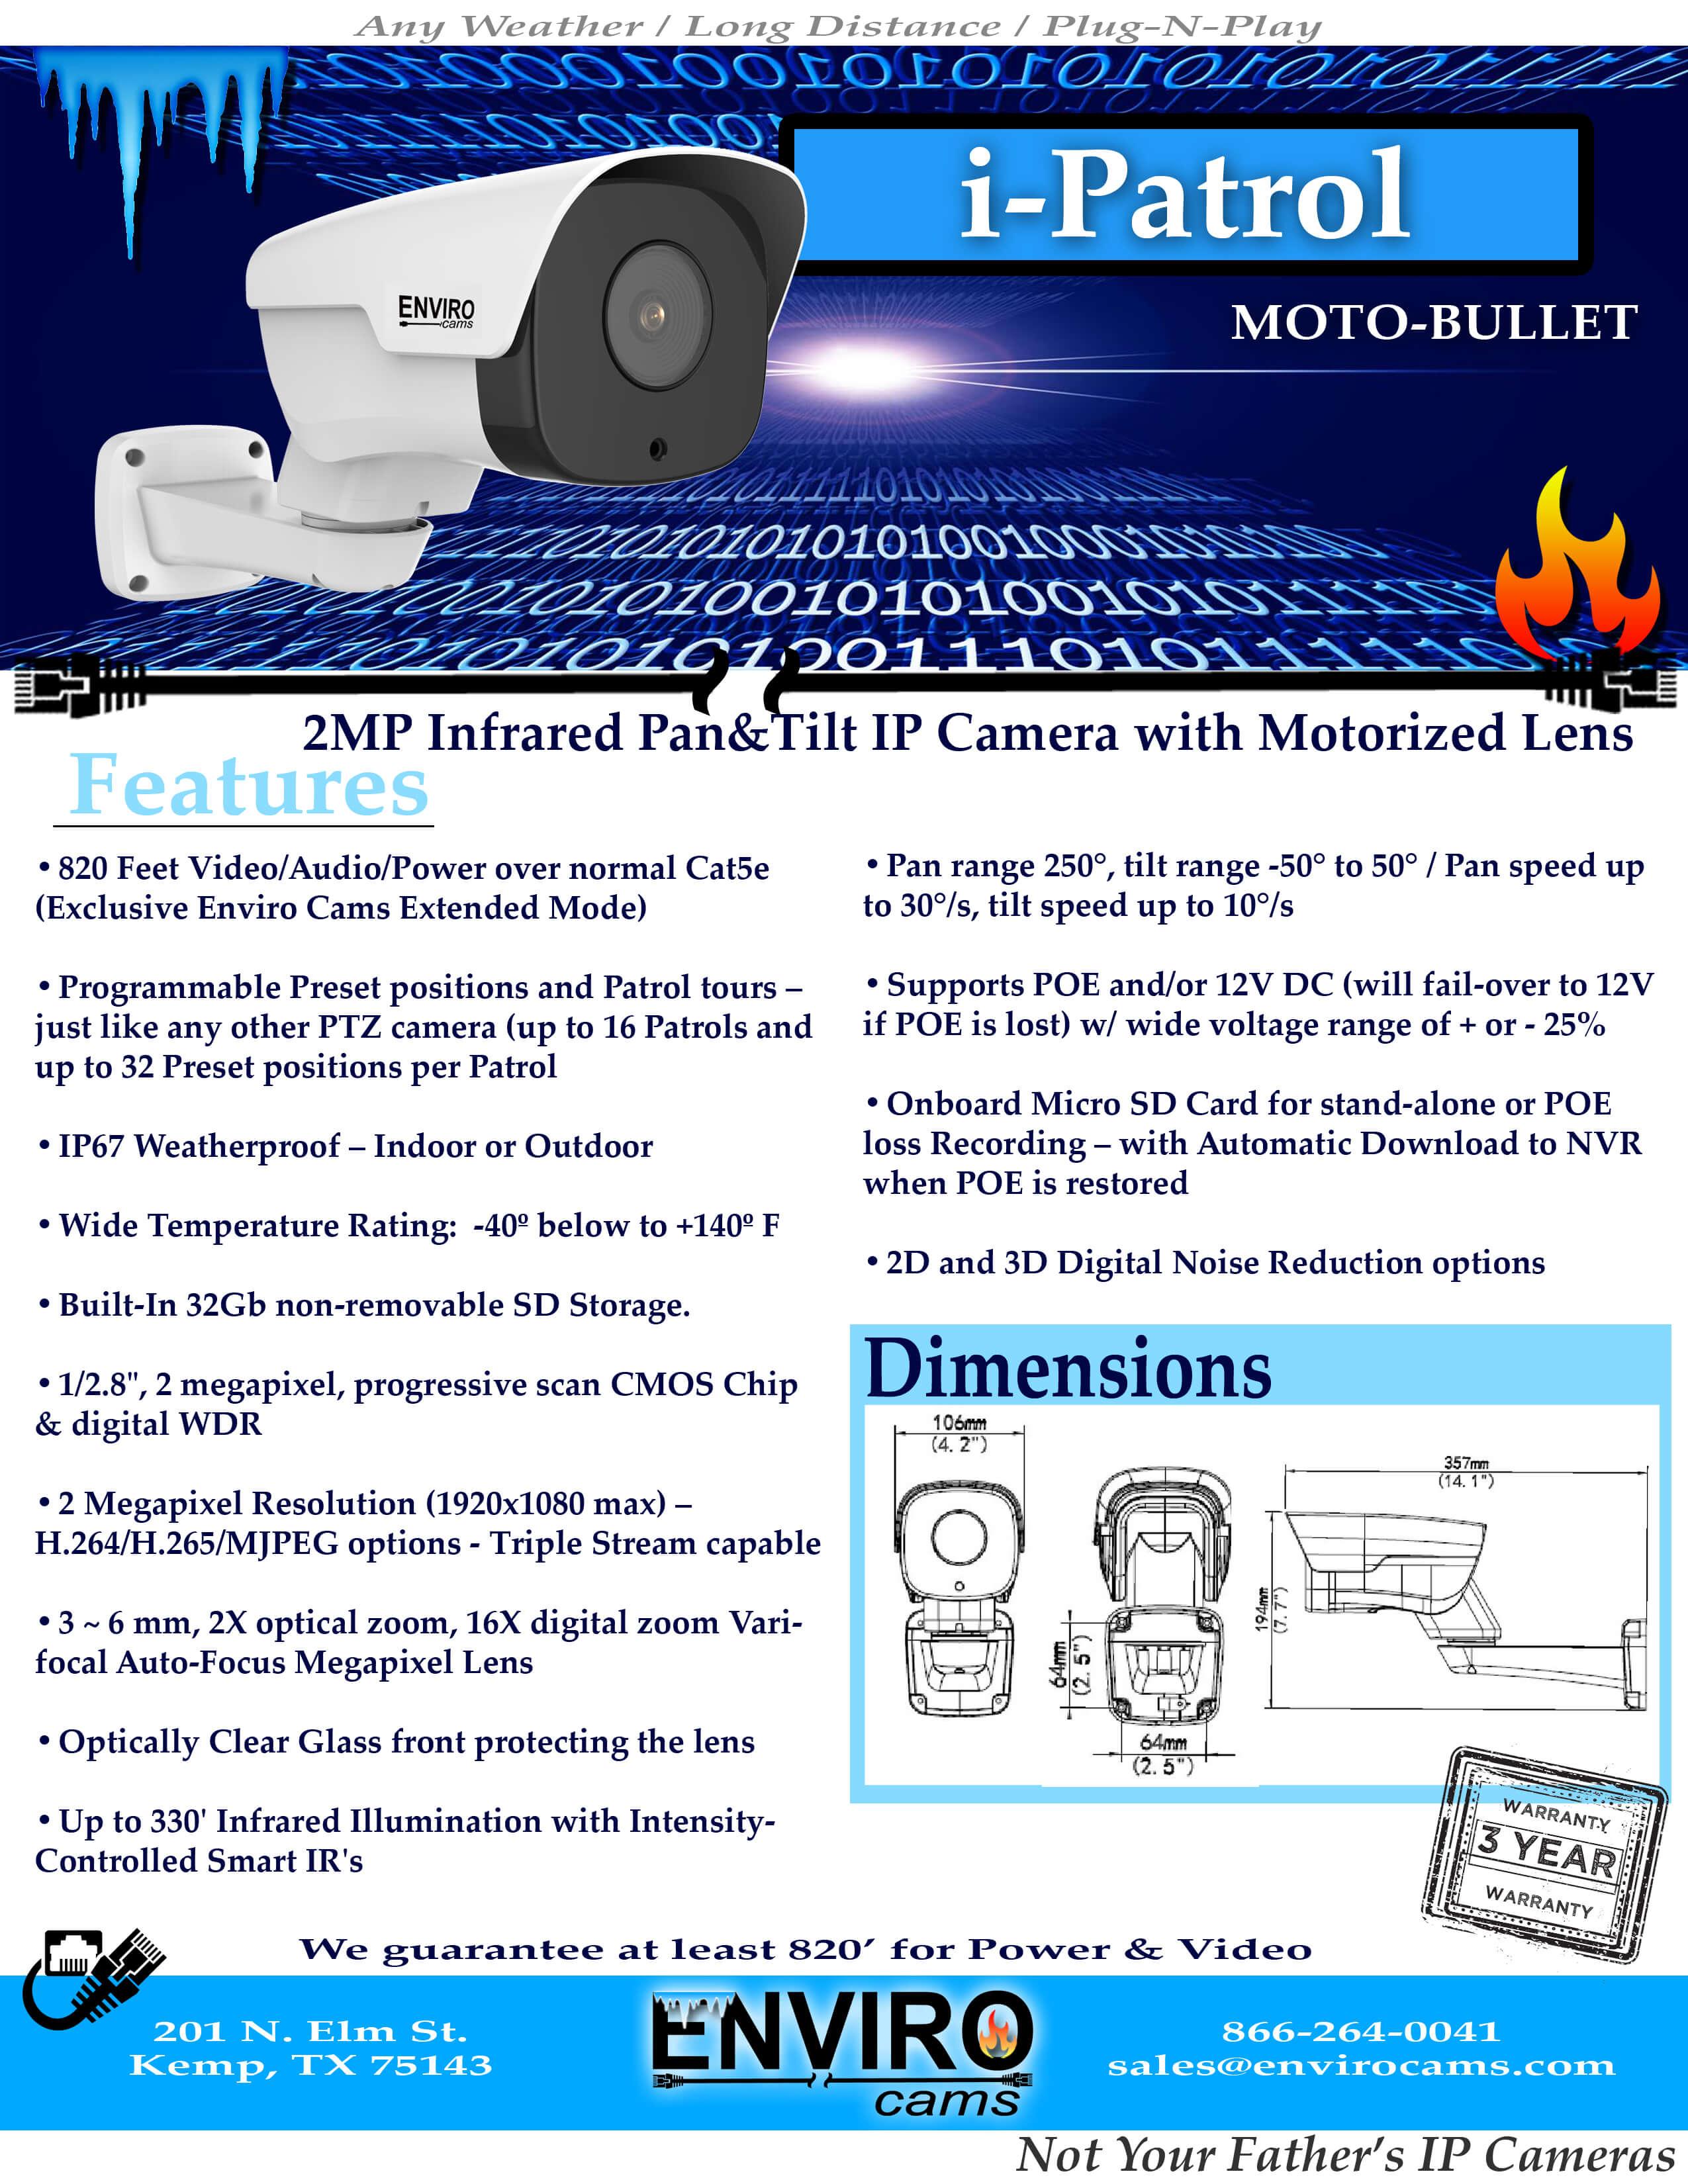 iPatrolSpecPage1 - i-Patrol PTZ Bullet Camera